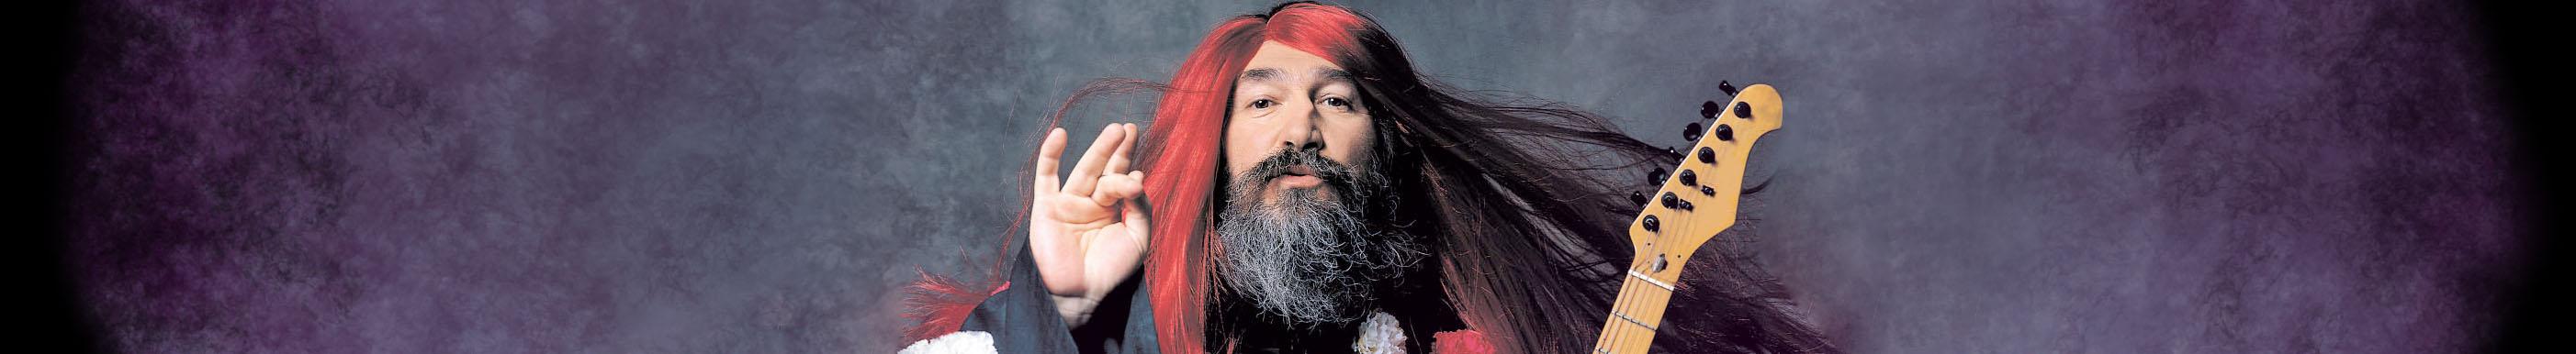 """ΤΖΙΜΗΣ ΠΑΝΟΥΣΗΣ Νέα παράσταση """" HORATORIO ΣΕ RE MIZERO """" Tp_red_hair"""